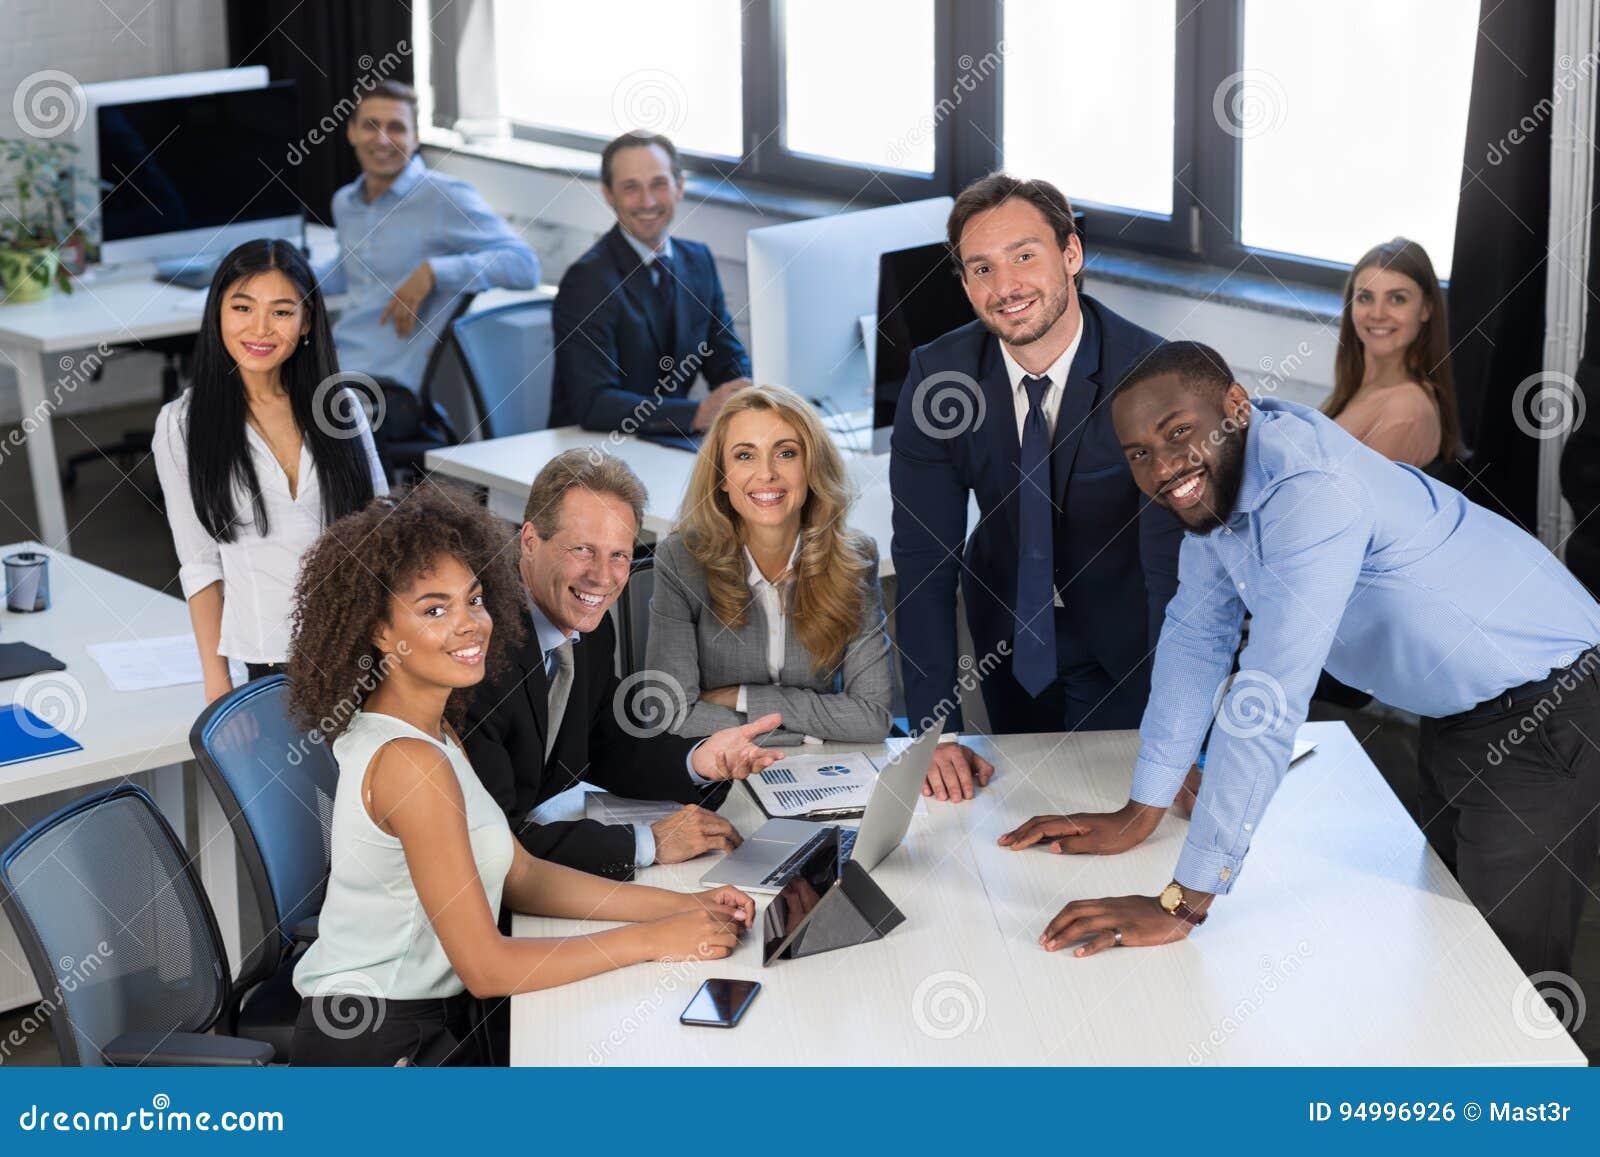 Idékläckningprocess, affär Team Discussing Project During Meeting i det moderna kontoret, teamworkbegrepp, grupp av